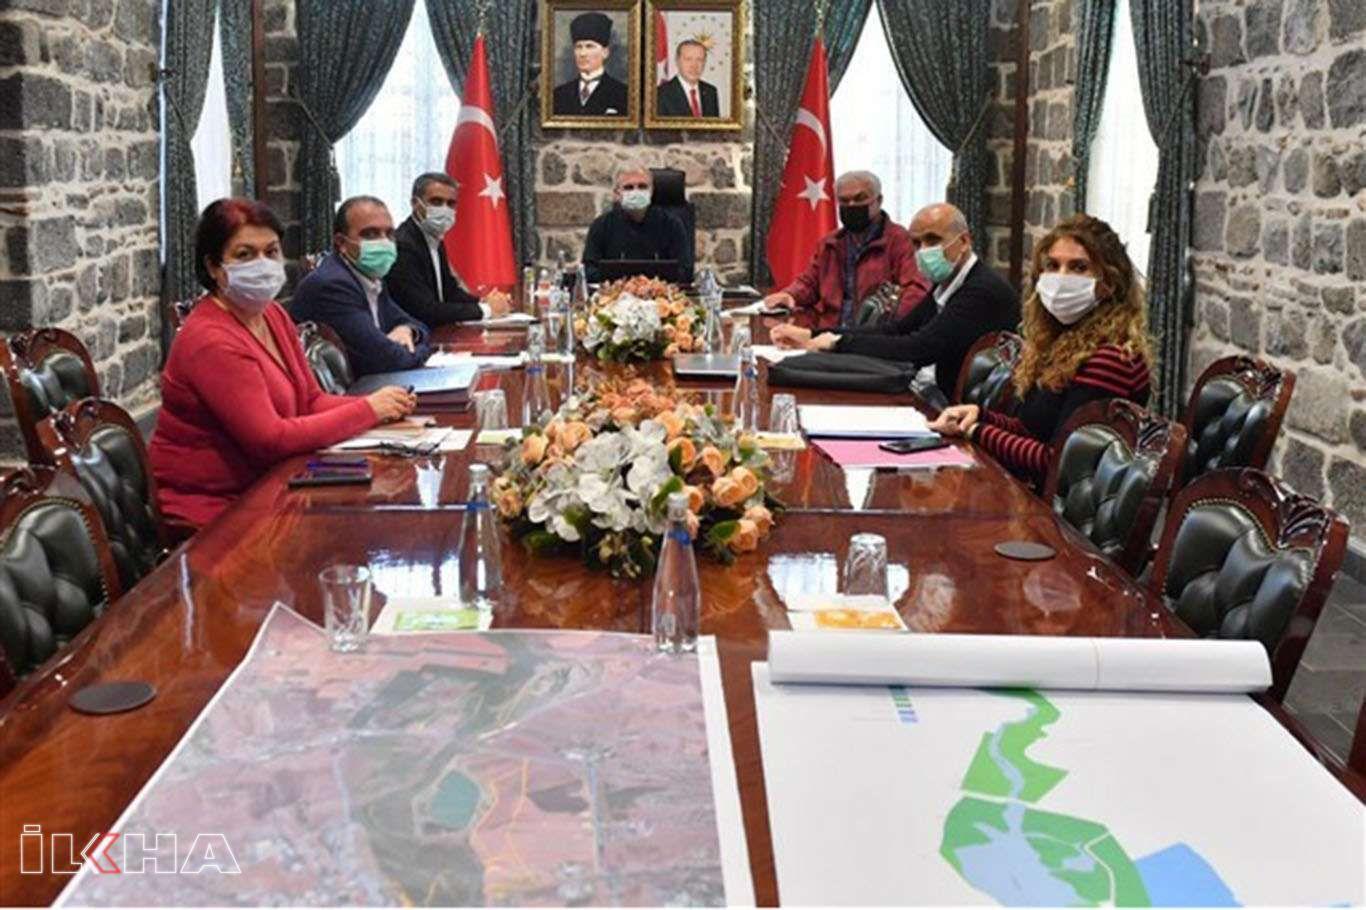 Diyarbakırlıları Dicleyle buluşturacak proje için çalışmalar başladı